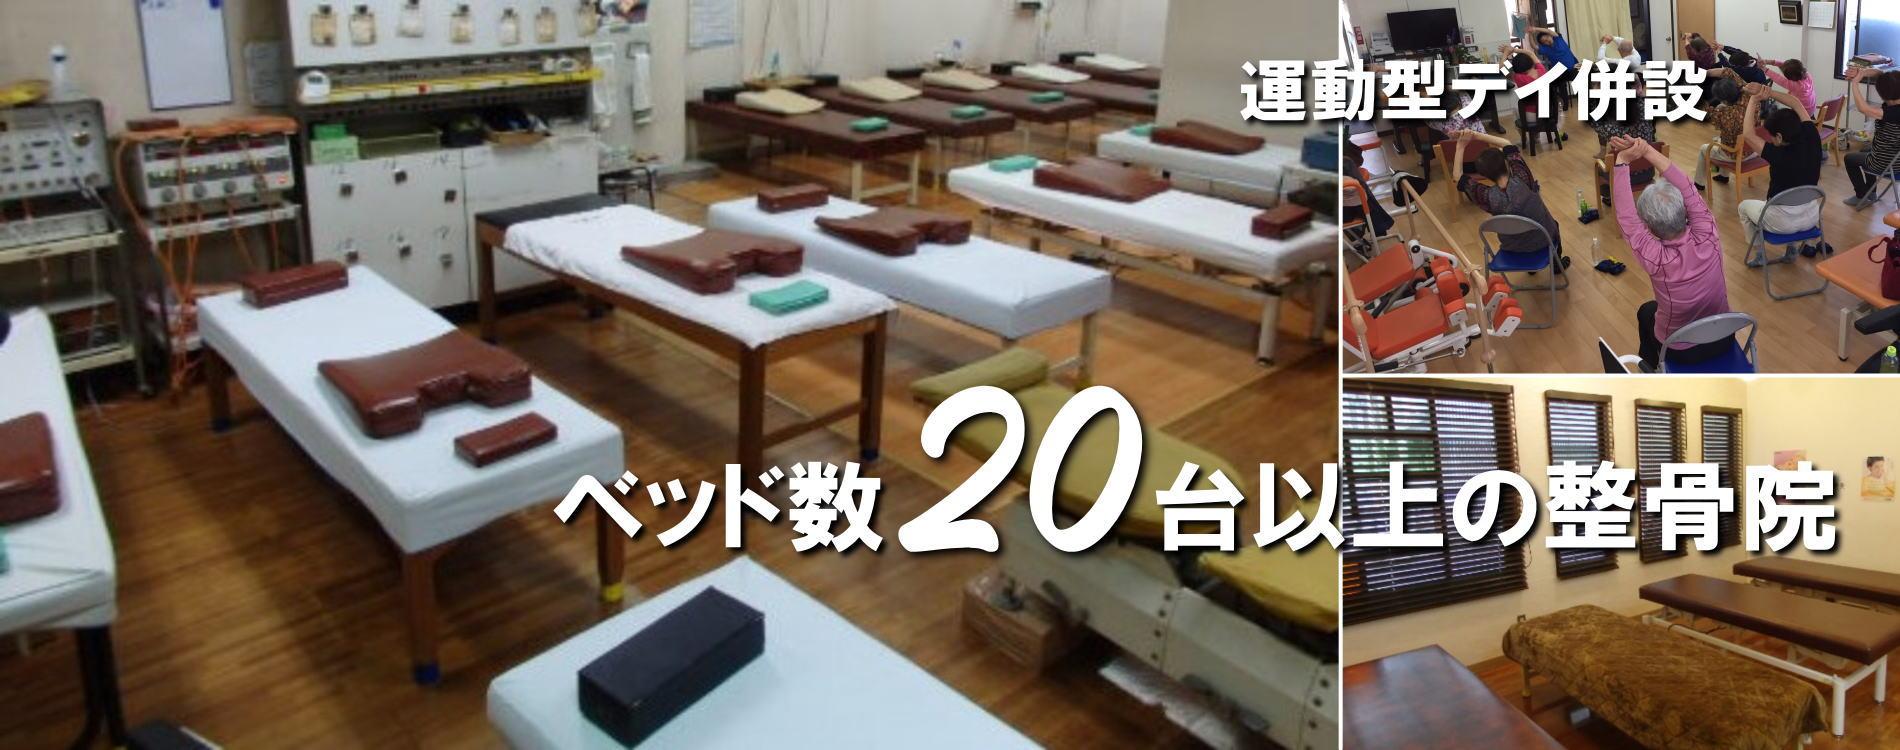 ベッド数20台以上の整骨院。併設された運動型デイ